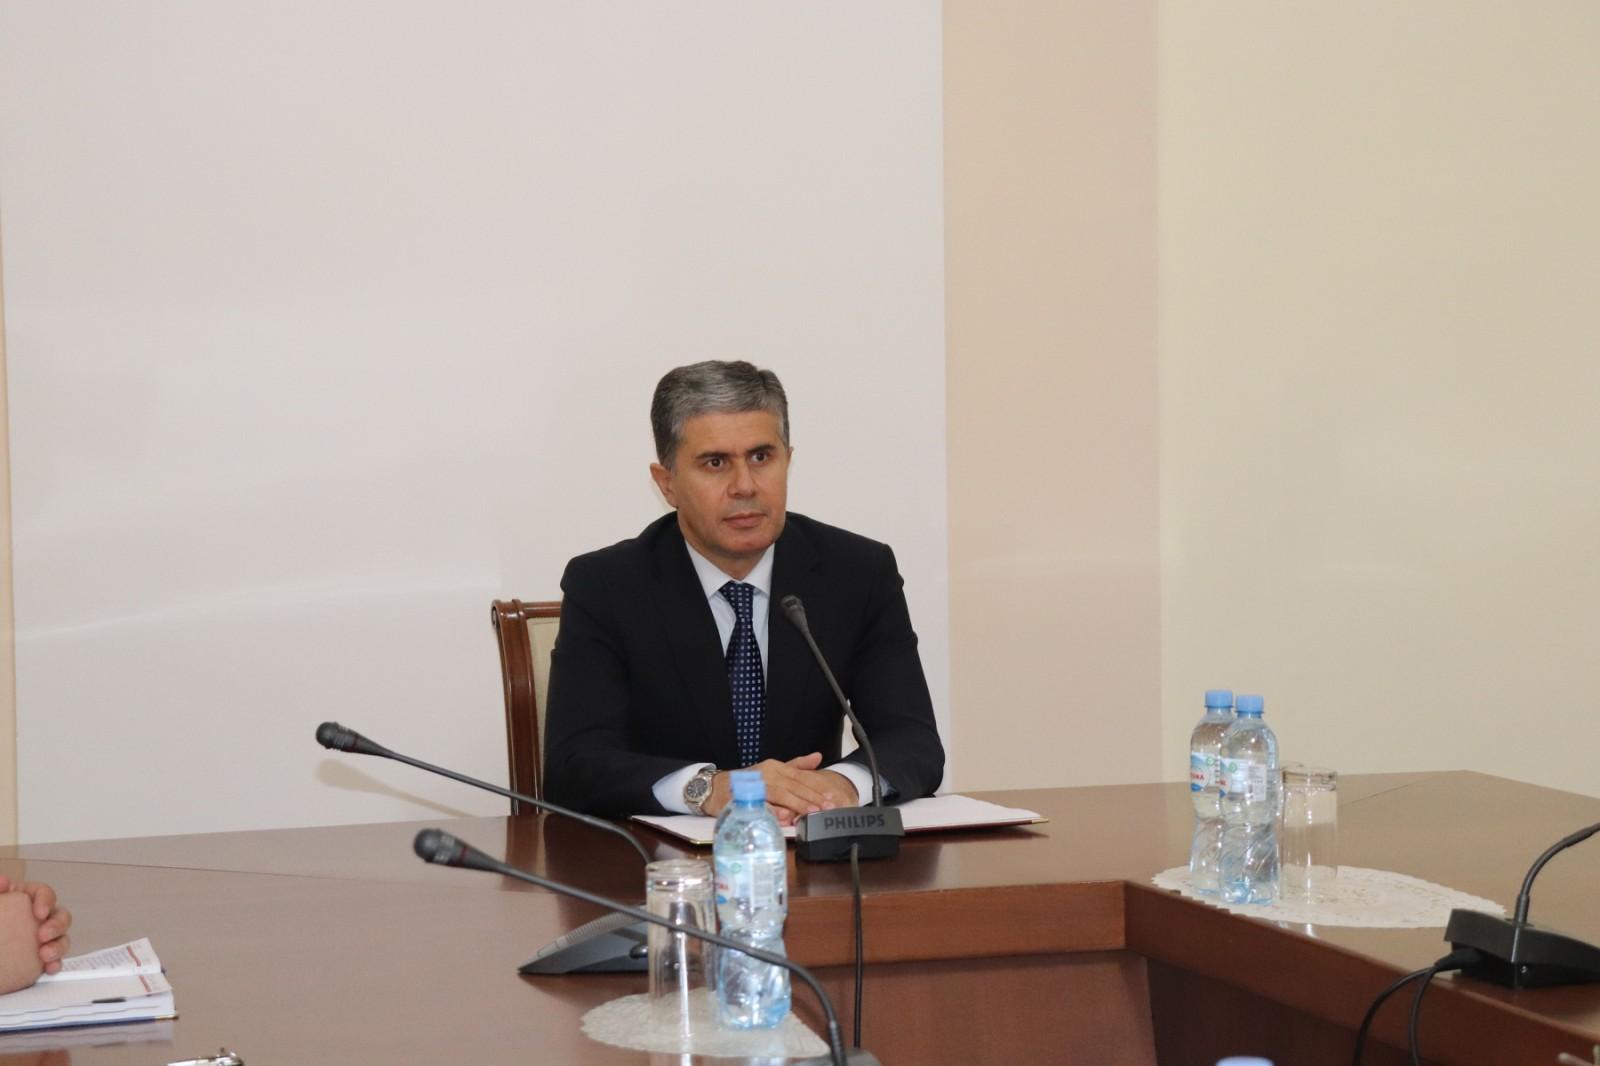 Глава Минэкономразвития и торговли Таджикистана оценил работу Эмомали Рахмона